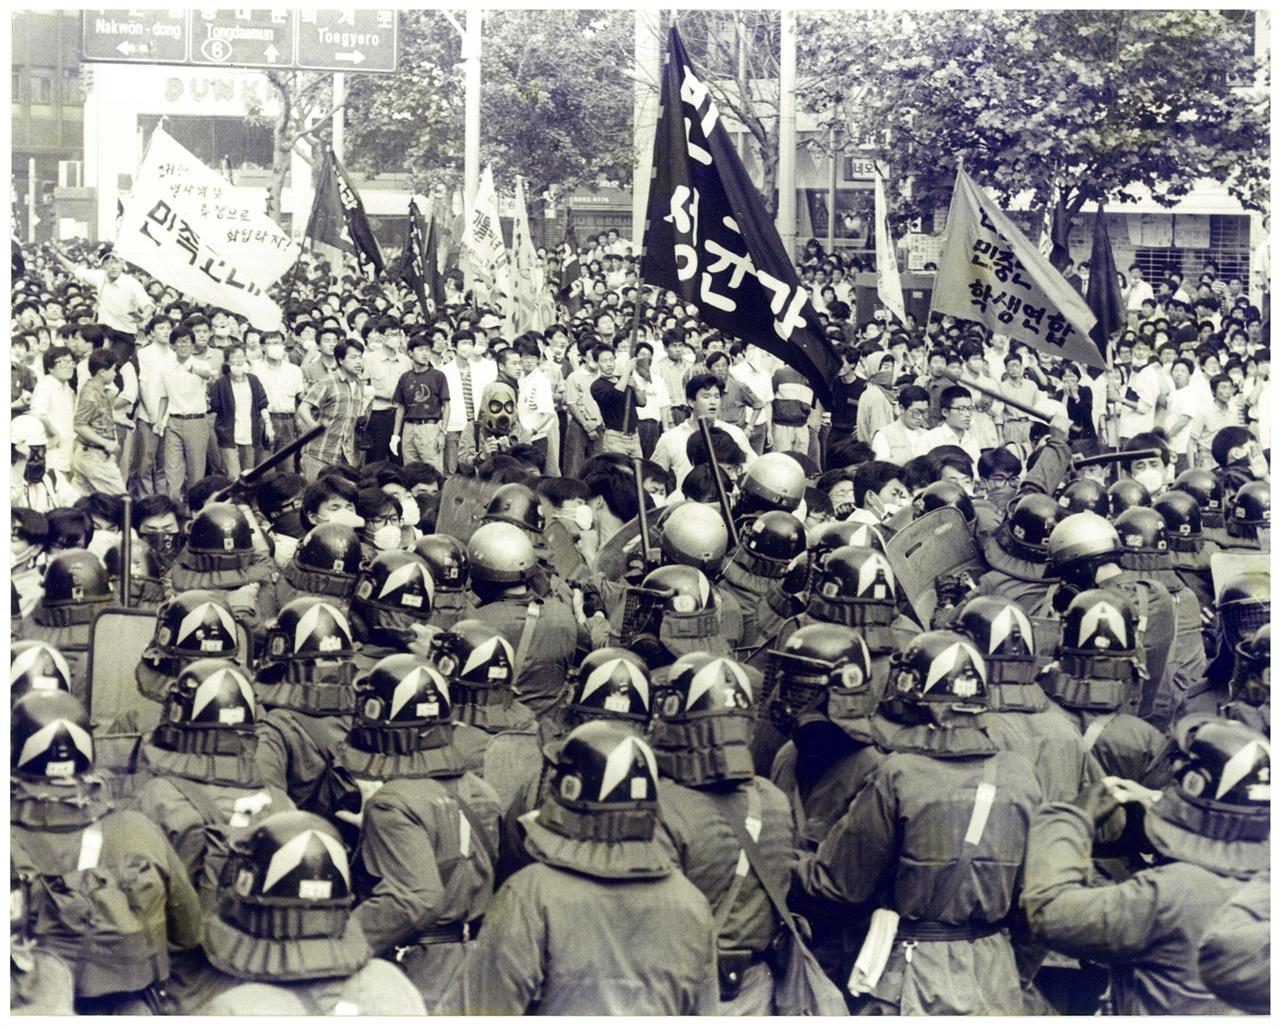 91년 김귀정열사 사망규탄 투쟁현장의 모습 김귀정 열사의 사망을 계기로 공안통치 분쇄 투쟁은 더욱 격화되었다.